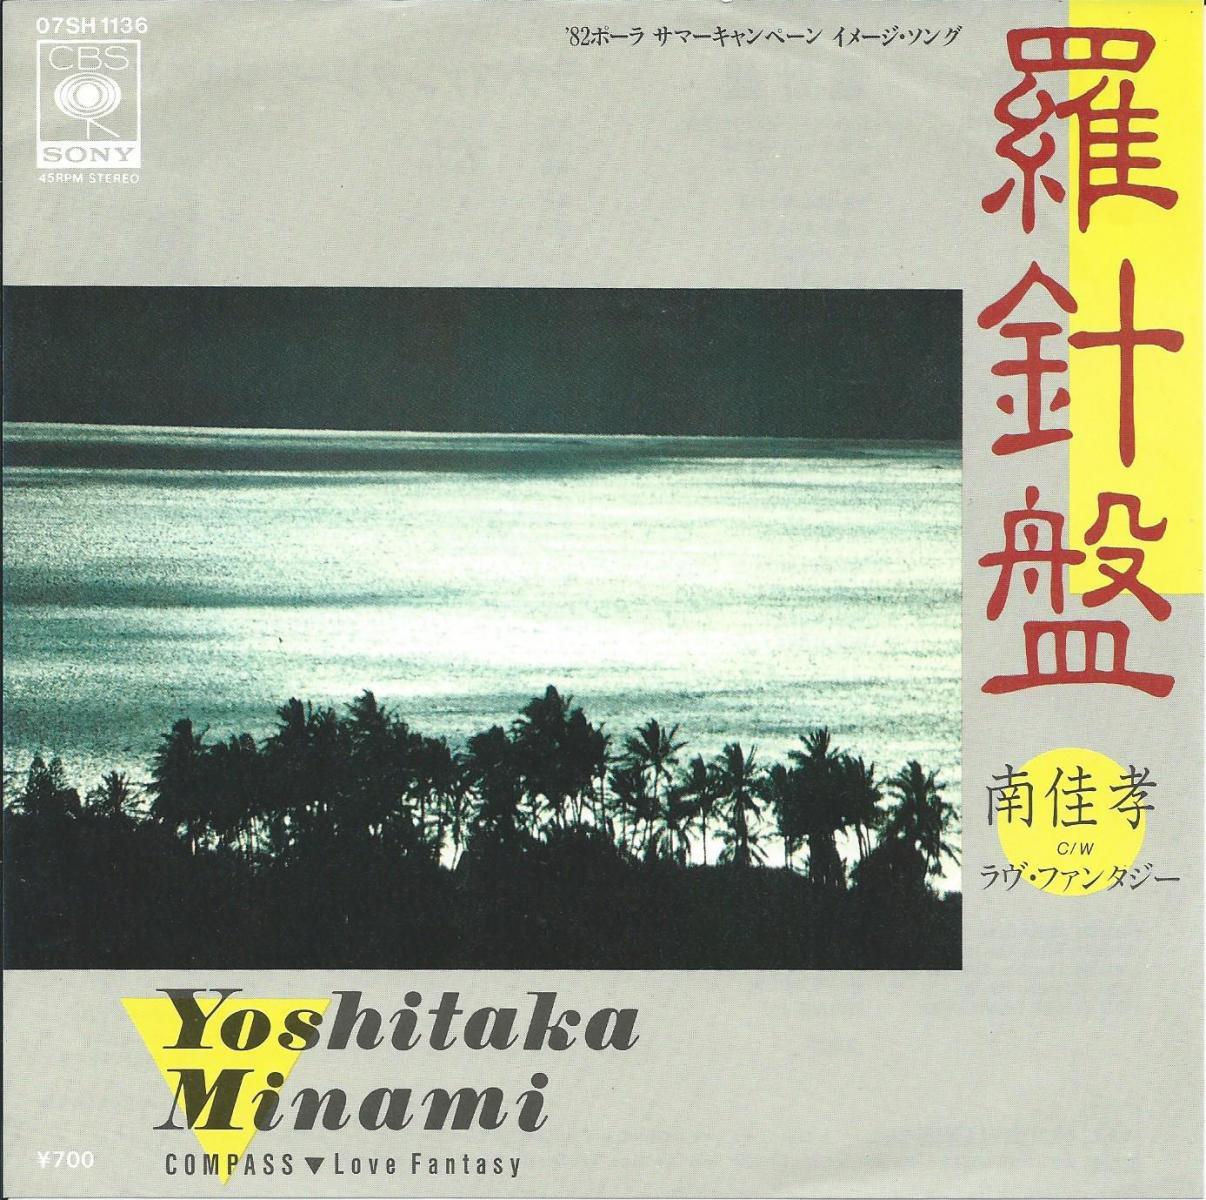 南佳孝 YOSHITAKA MINAMI / 羅針盤 COMPASS / ラヴ・ファンタジー LOVE FANTASY (7